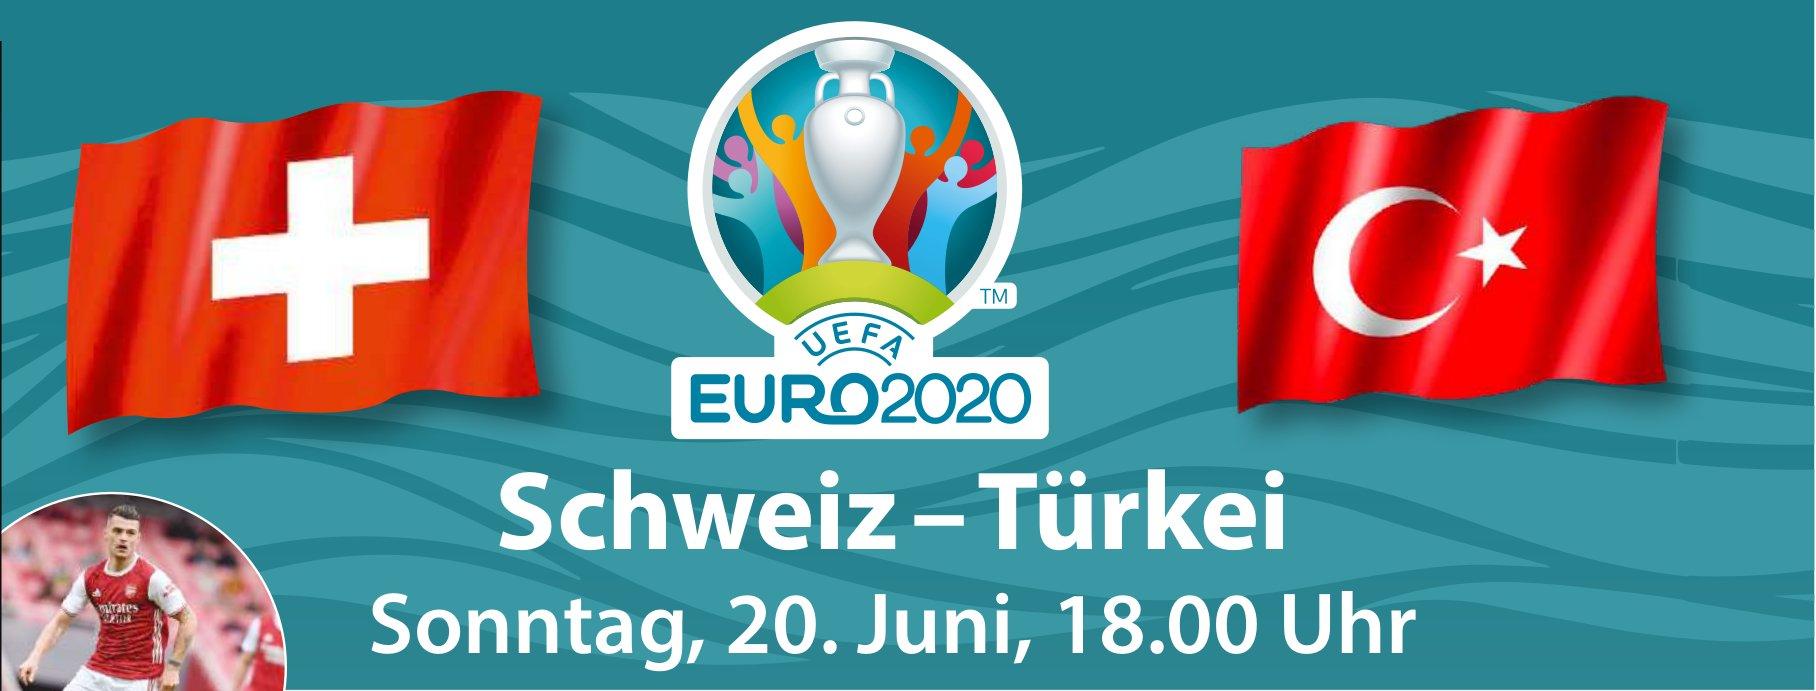 Euro 2020: Schweiz – Türkei, 20. Juni